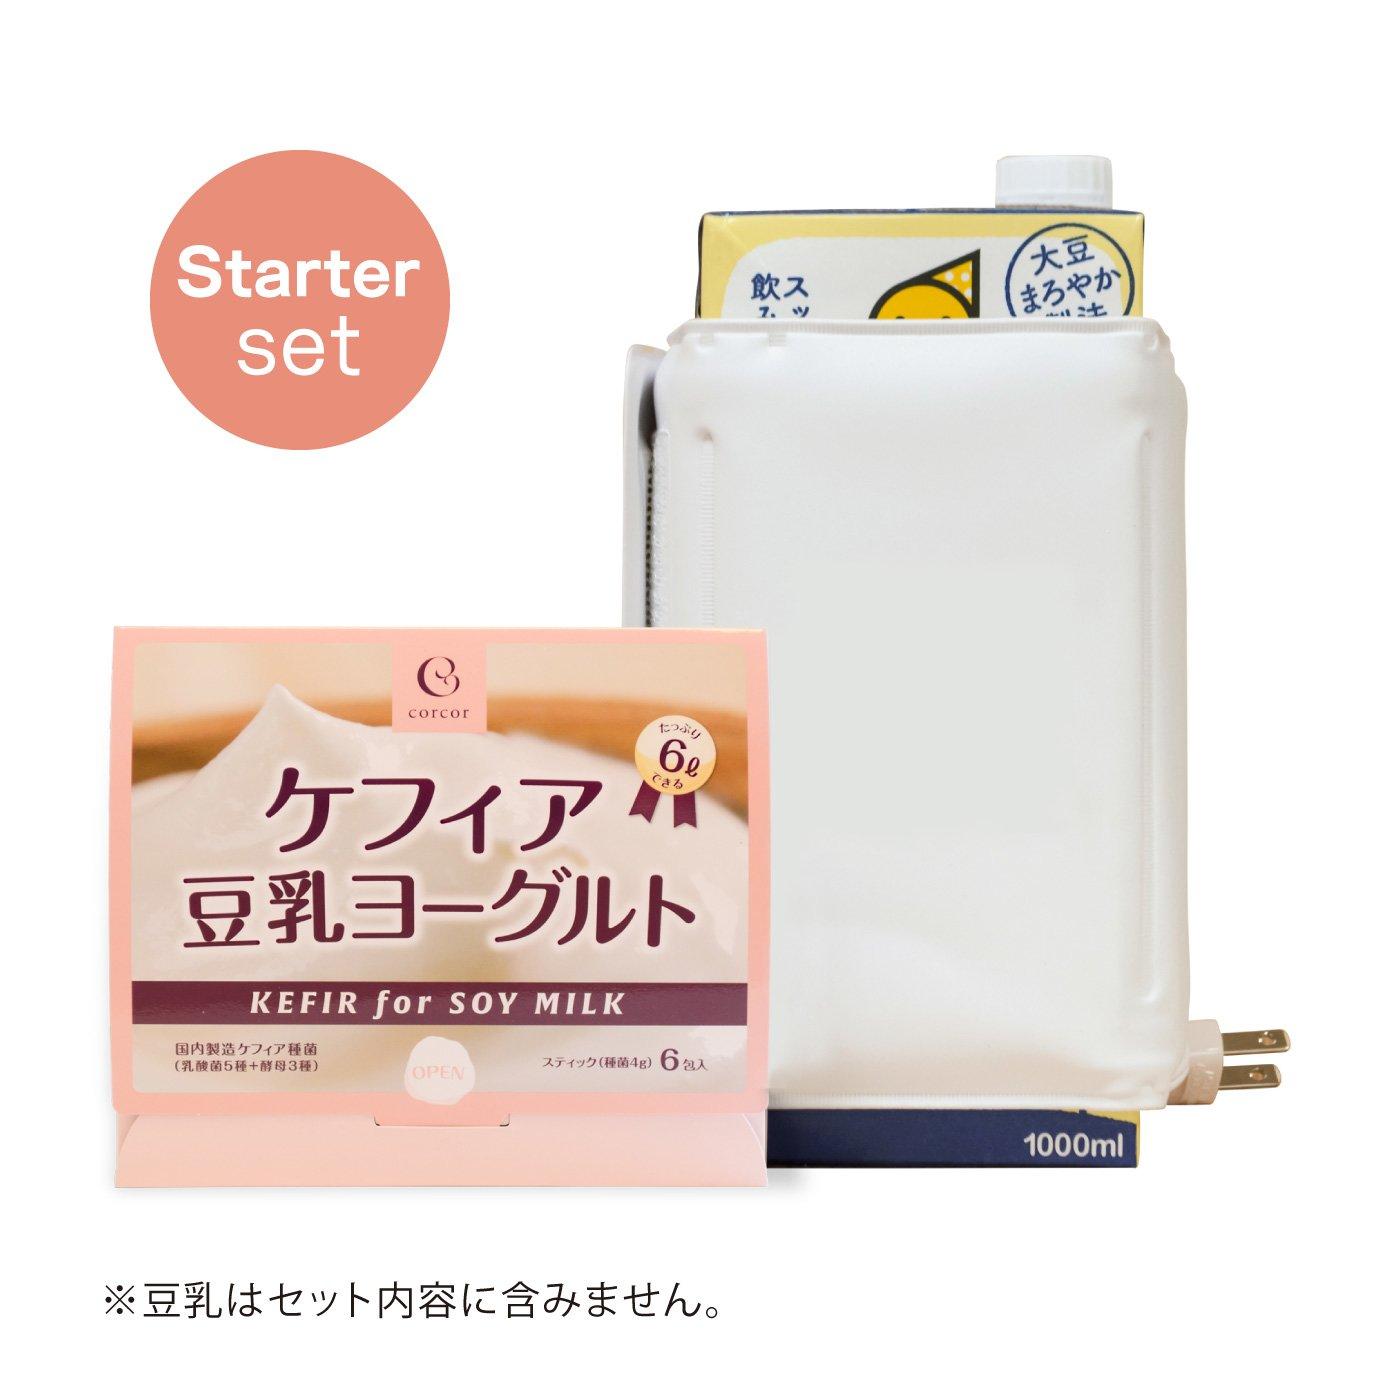 種菌と豆乳1Lでつくる ケフィア豆乳ヨーグルト スターターセット